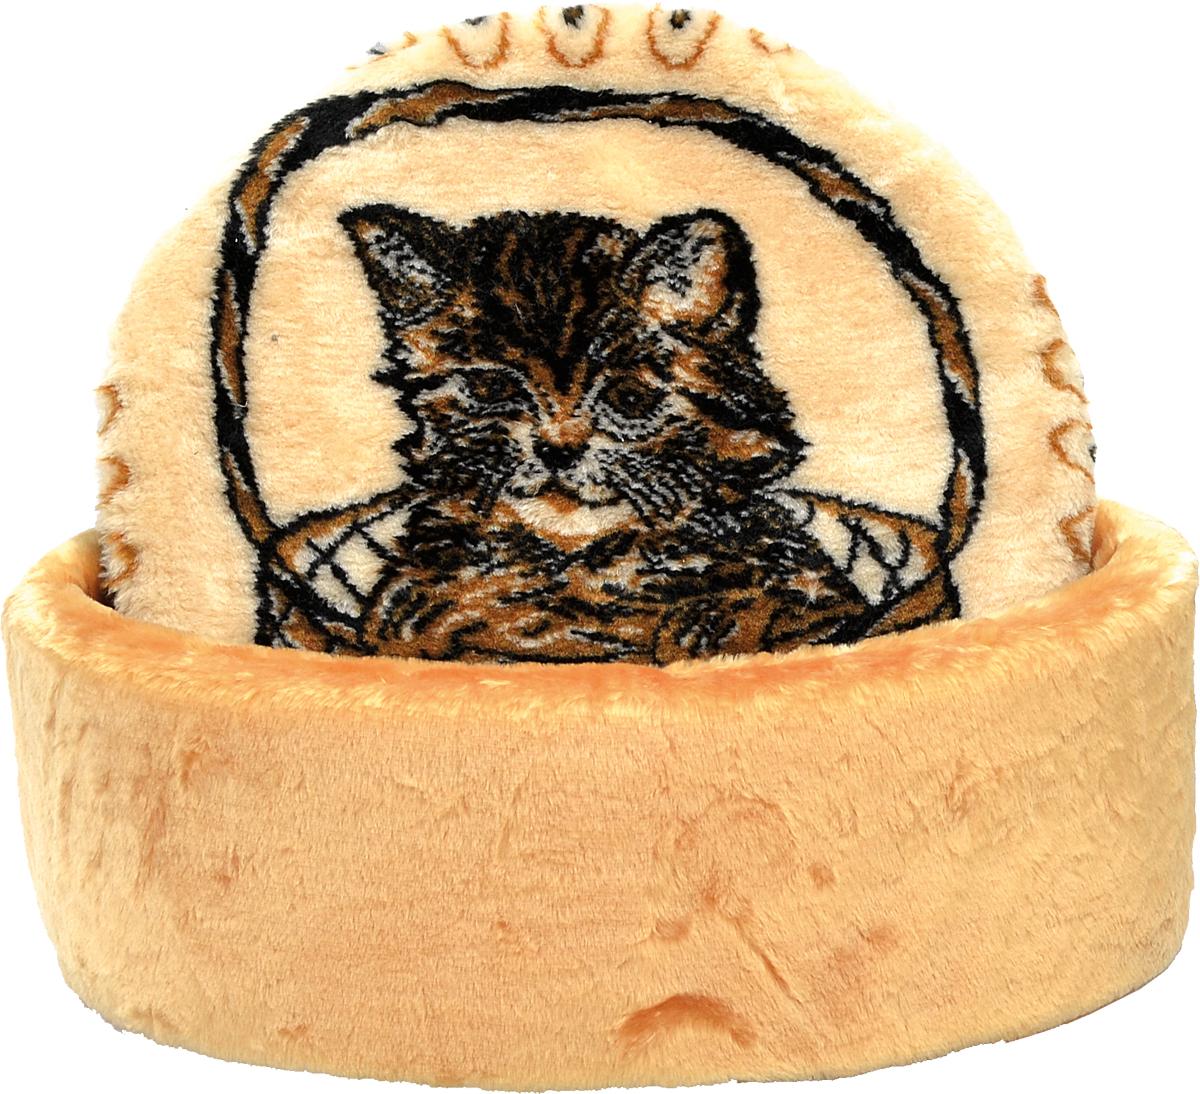 Лежак для животных Зооник Мурзик, цвет: бежевый, коричневый, 45 х 17 см22129Лежак для животных Зооник Мурзик прекрасно подойдет для отдыха вашего домашнего питомца. Предназначен для кошек и собак мелких пород. Изделие выполнено из высококачественного искусственного меха коричневого цвета. Лежак снабжен съемной мягкой подушкой с изображением котенка. Комфортный и уютный лежак обязательно понравится вашему питомцу, животное сможет там отдохнуть и выспаться. Диаметр лежака: 45 см.Высота лежака: 17 см.Состав: искусственный мех.